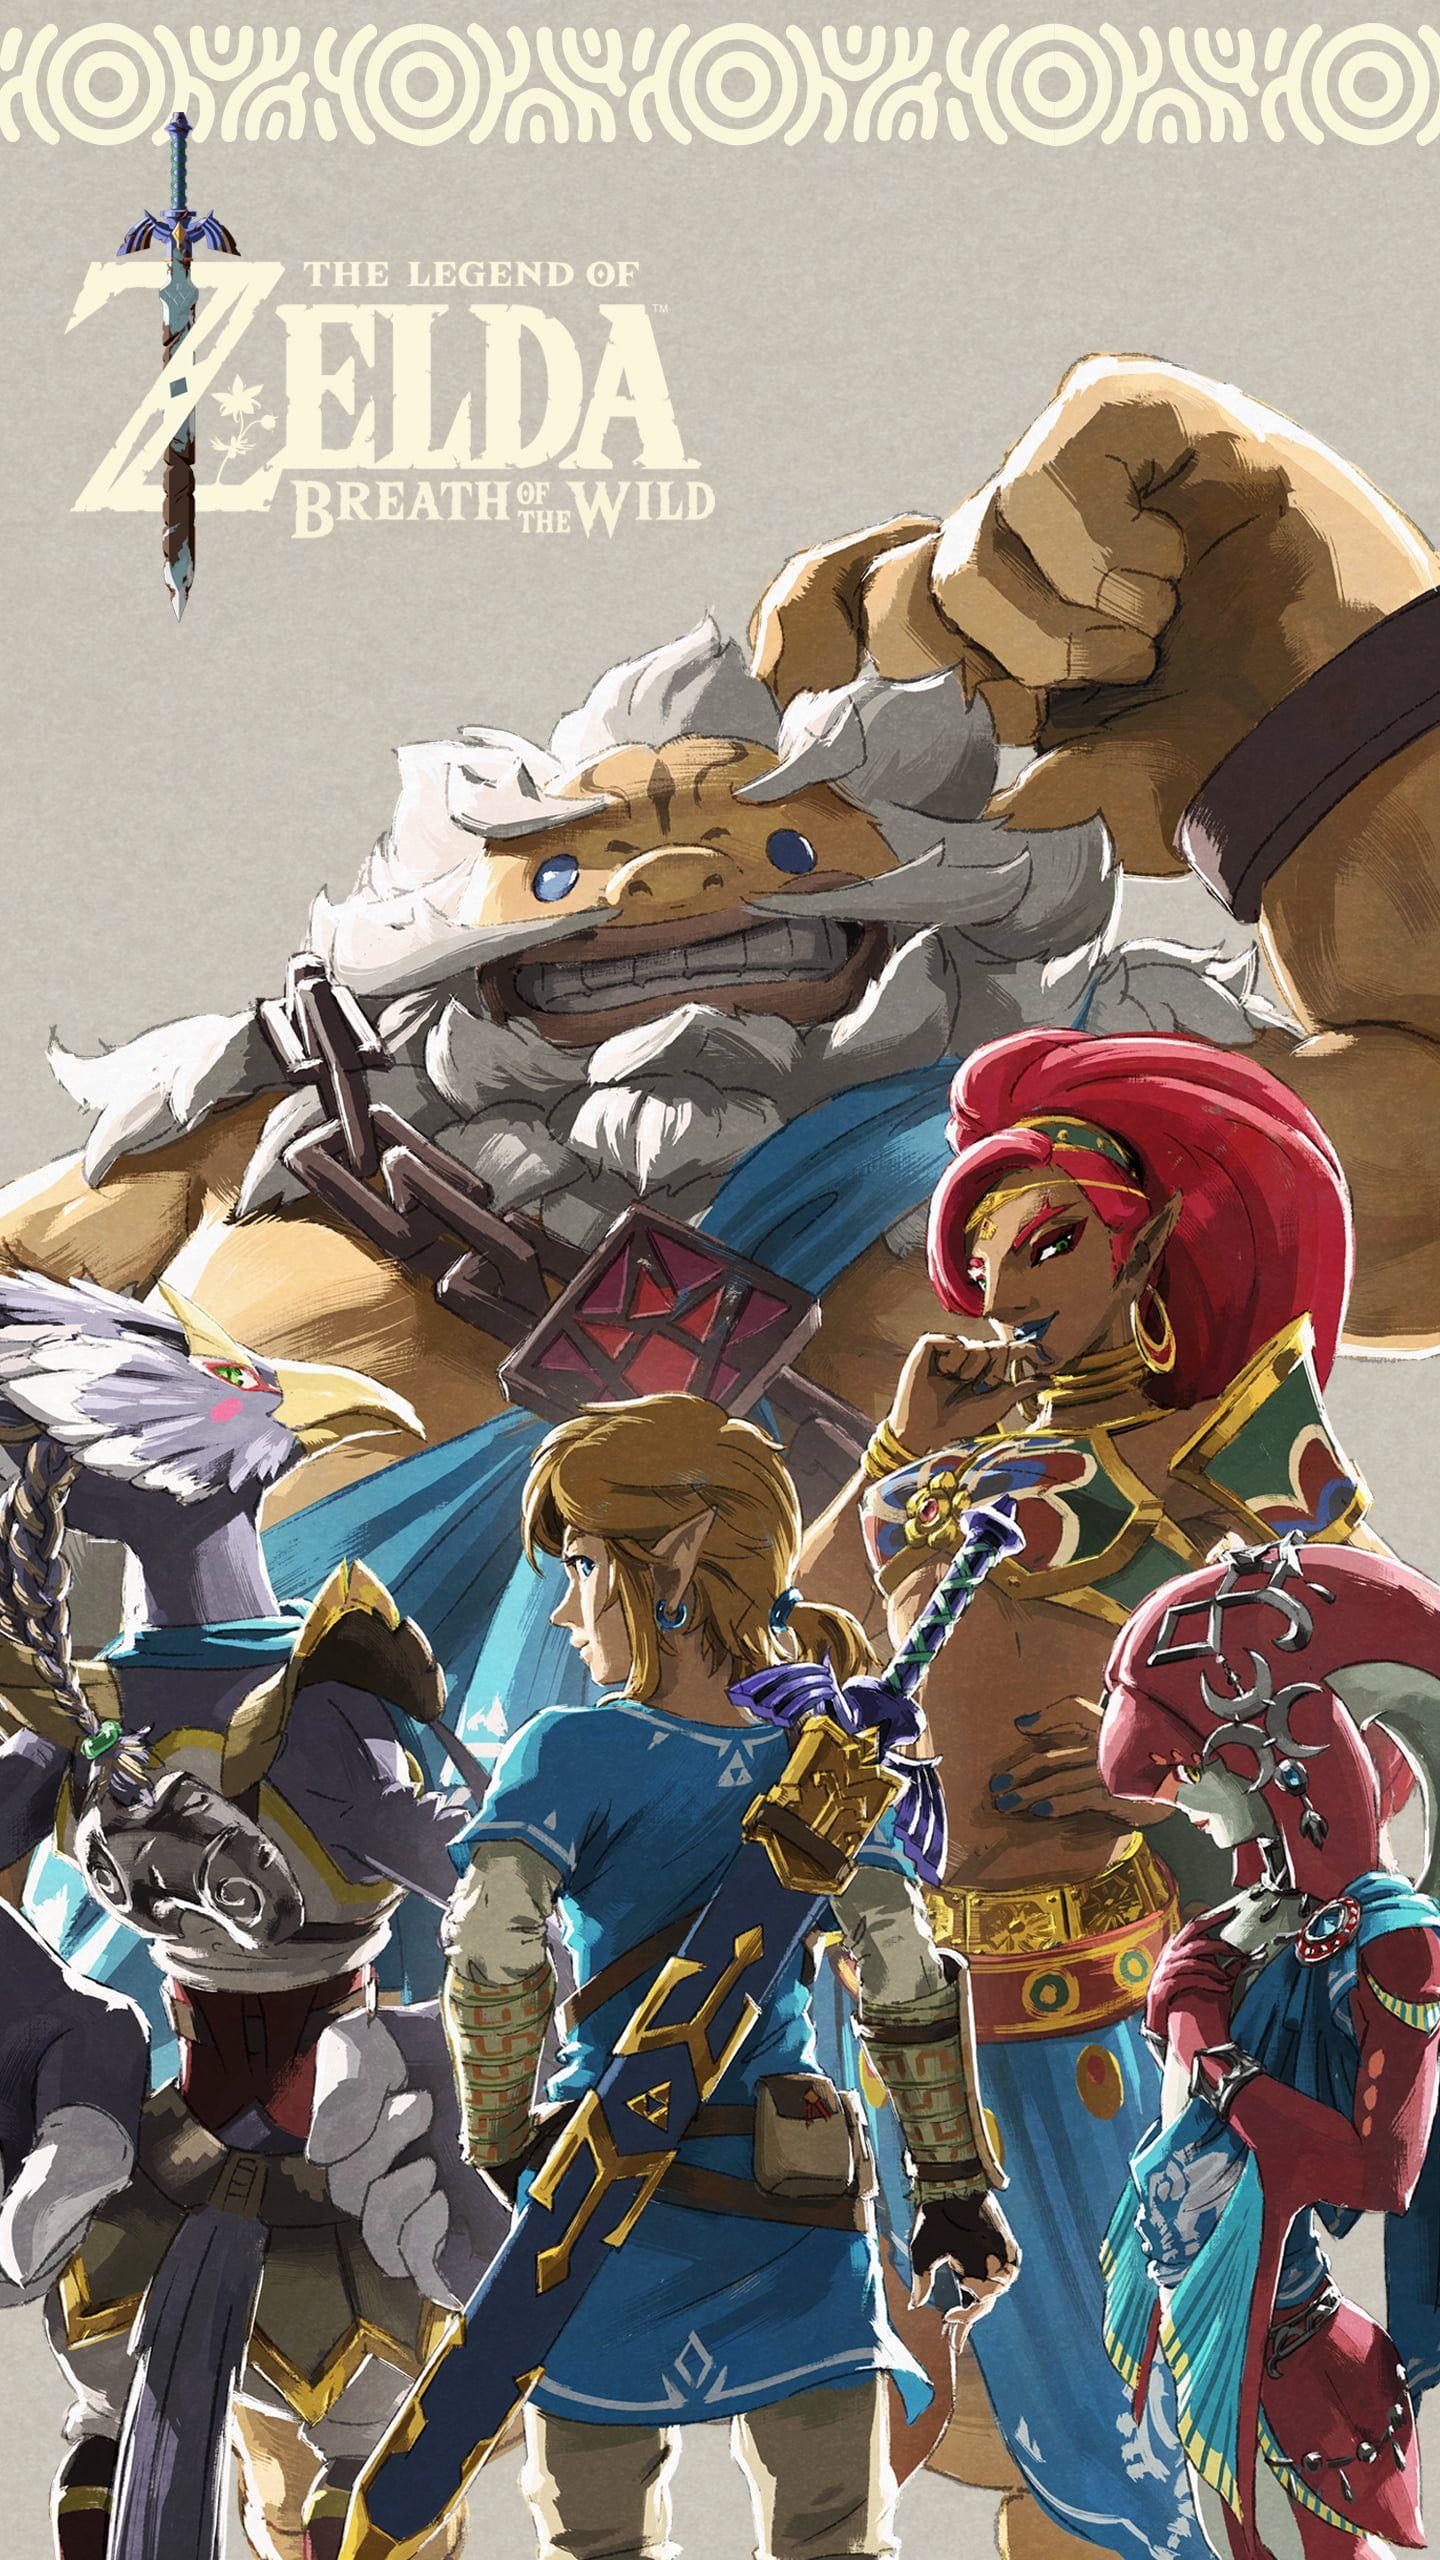 Nintendo Nintendo Switch Club Nintendo Link The Legend Of Zelda Breath Of The Wild Mip Legend Of Zelda Poster Legend Of Zelda Breath Iphone Wallpaper Zelda